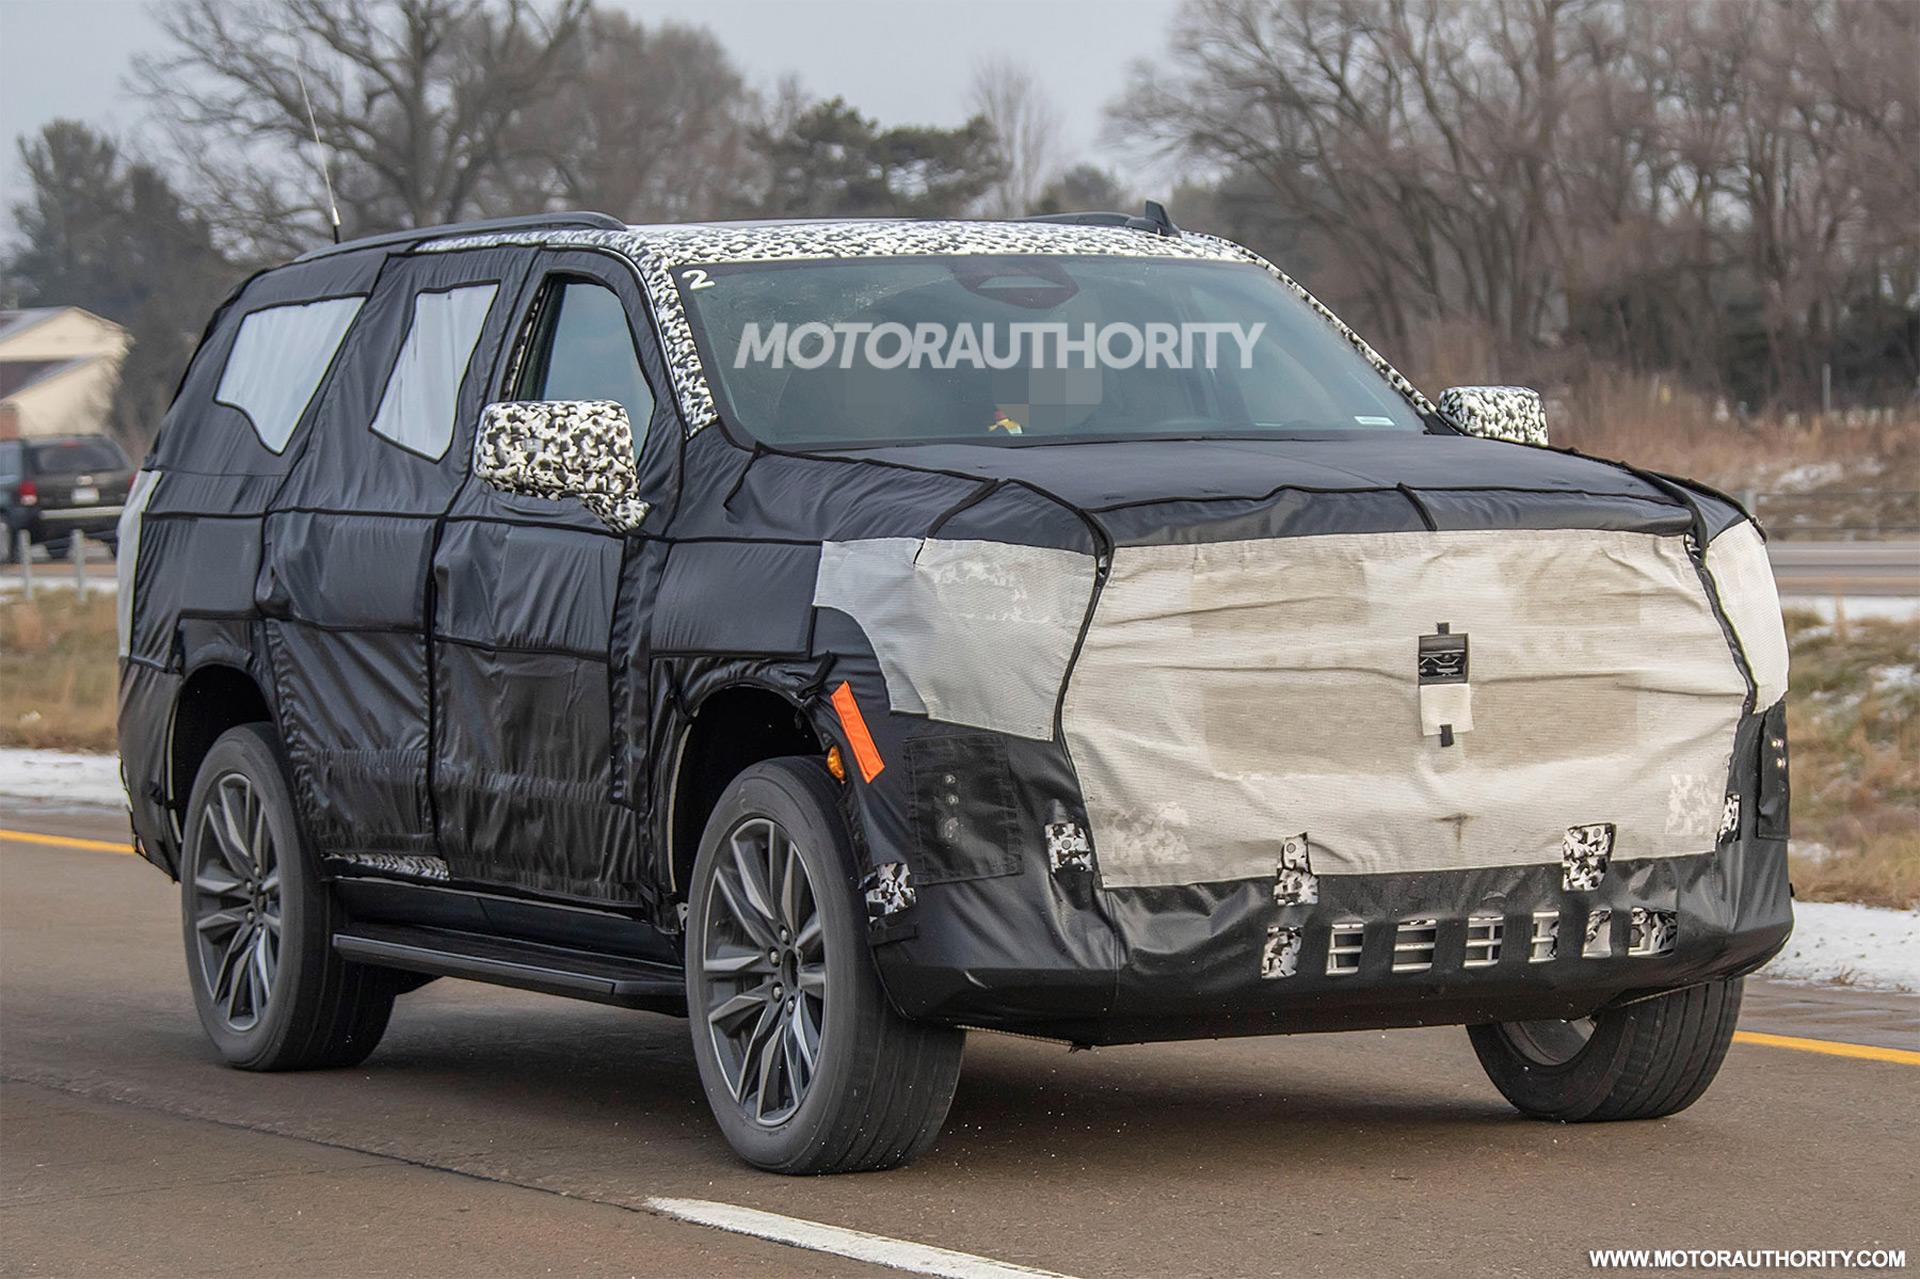 202 - [Cadillac] Escalade V 2020-cadillac-escalade-esv-spy-shots--image-via-s-baldauf-sb-medien_100684213_h